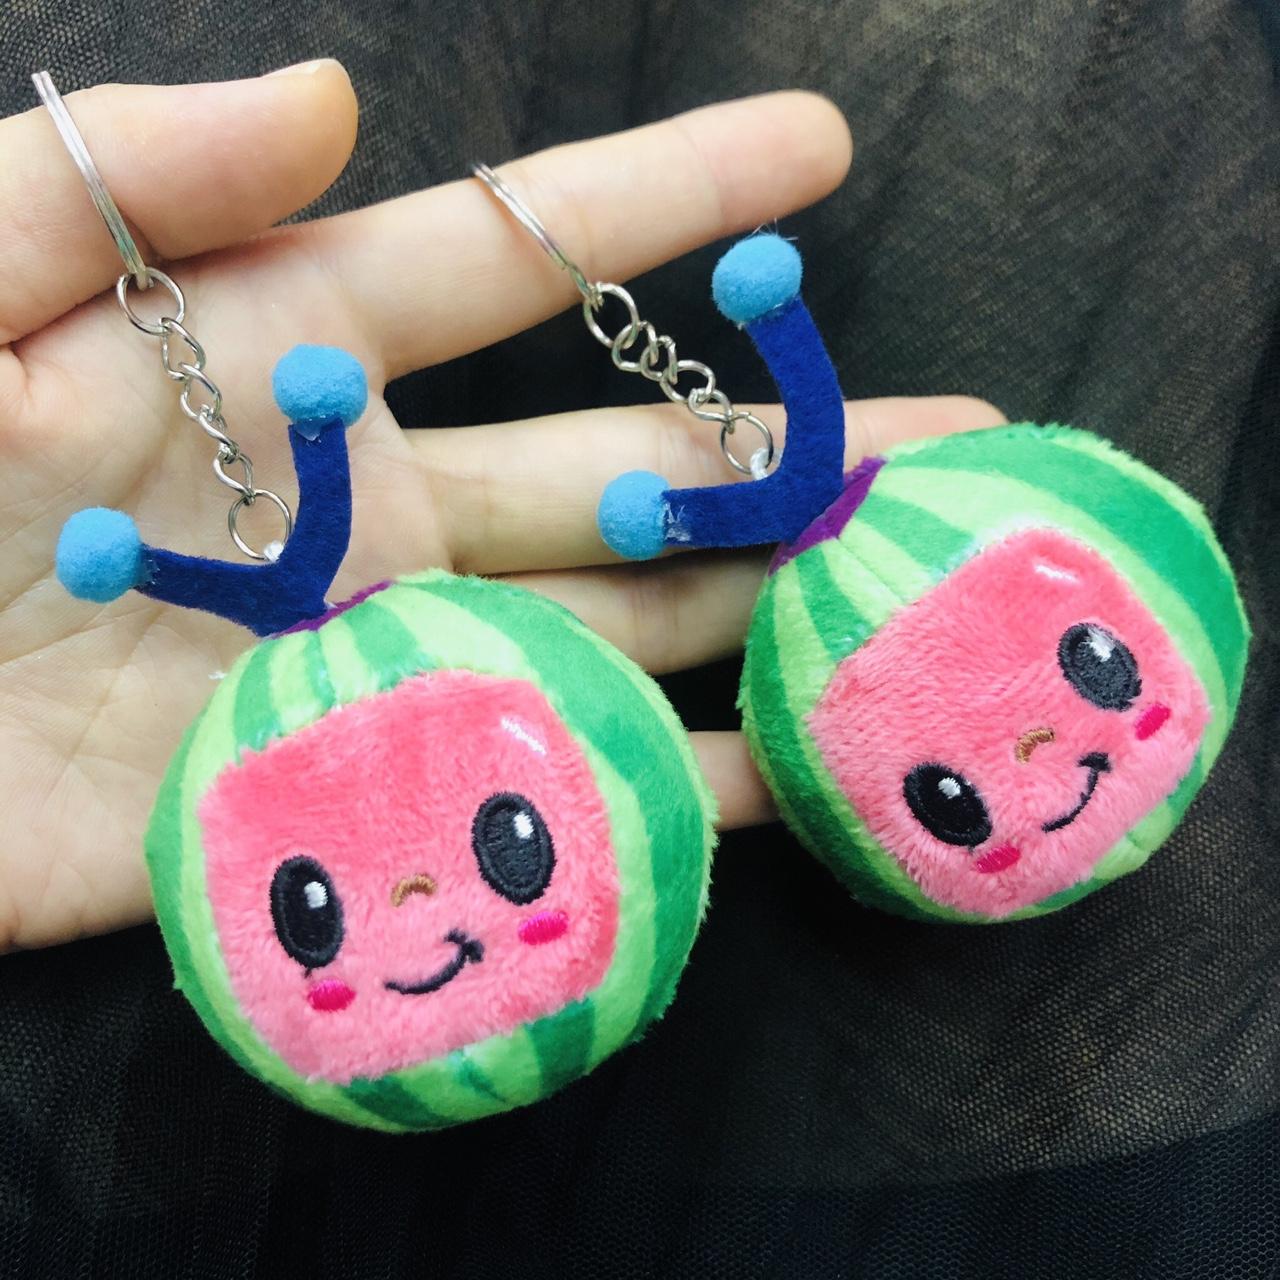 毛绒玩具公仔挂件钥匙扣一家人挂件钥匙扣西瓜挂件钥匙扣